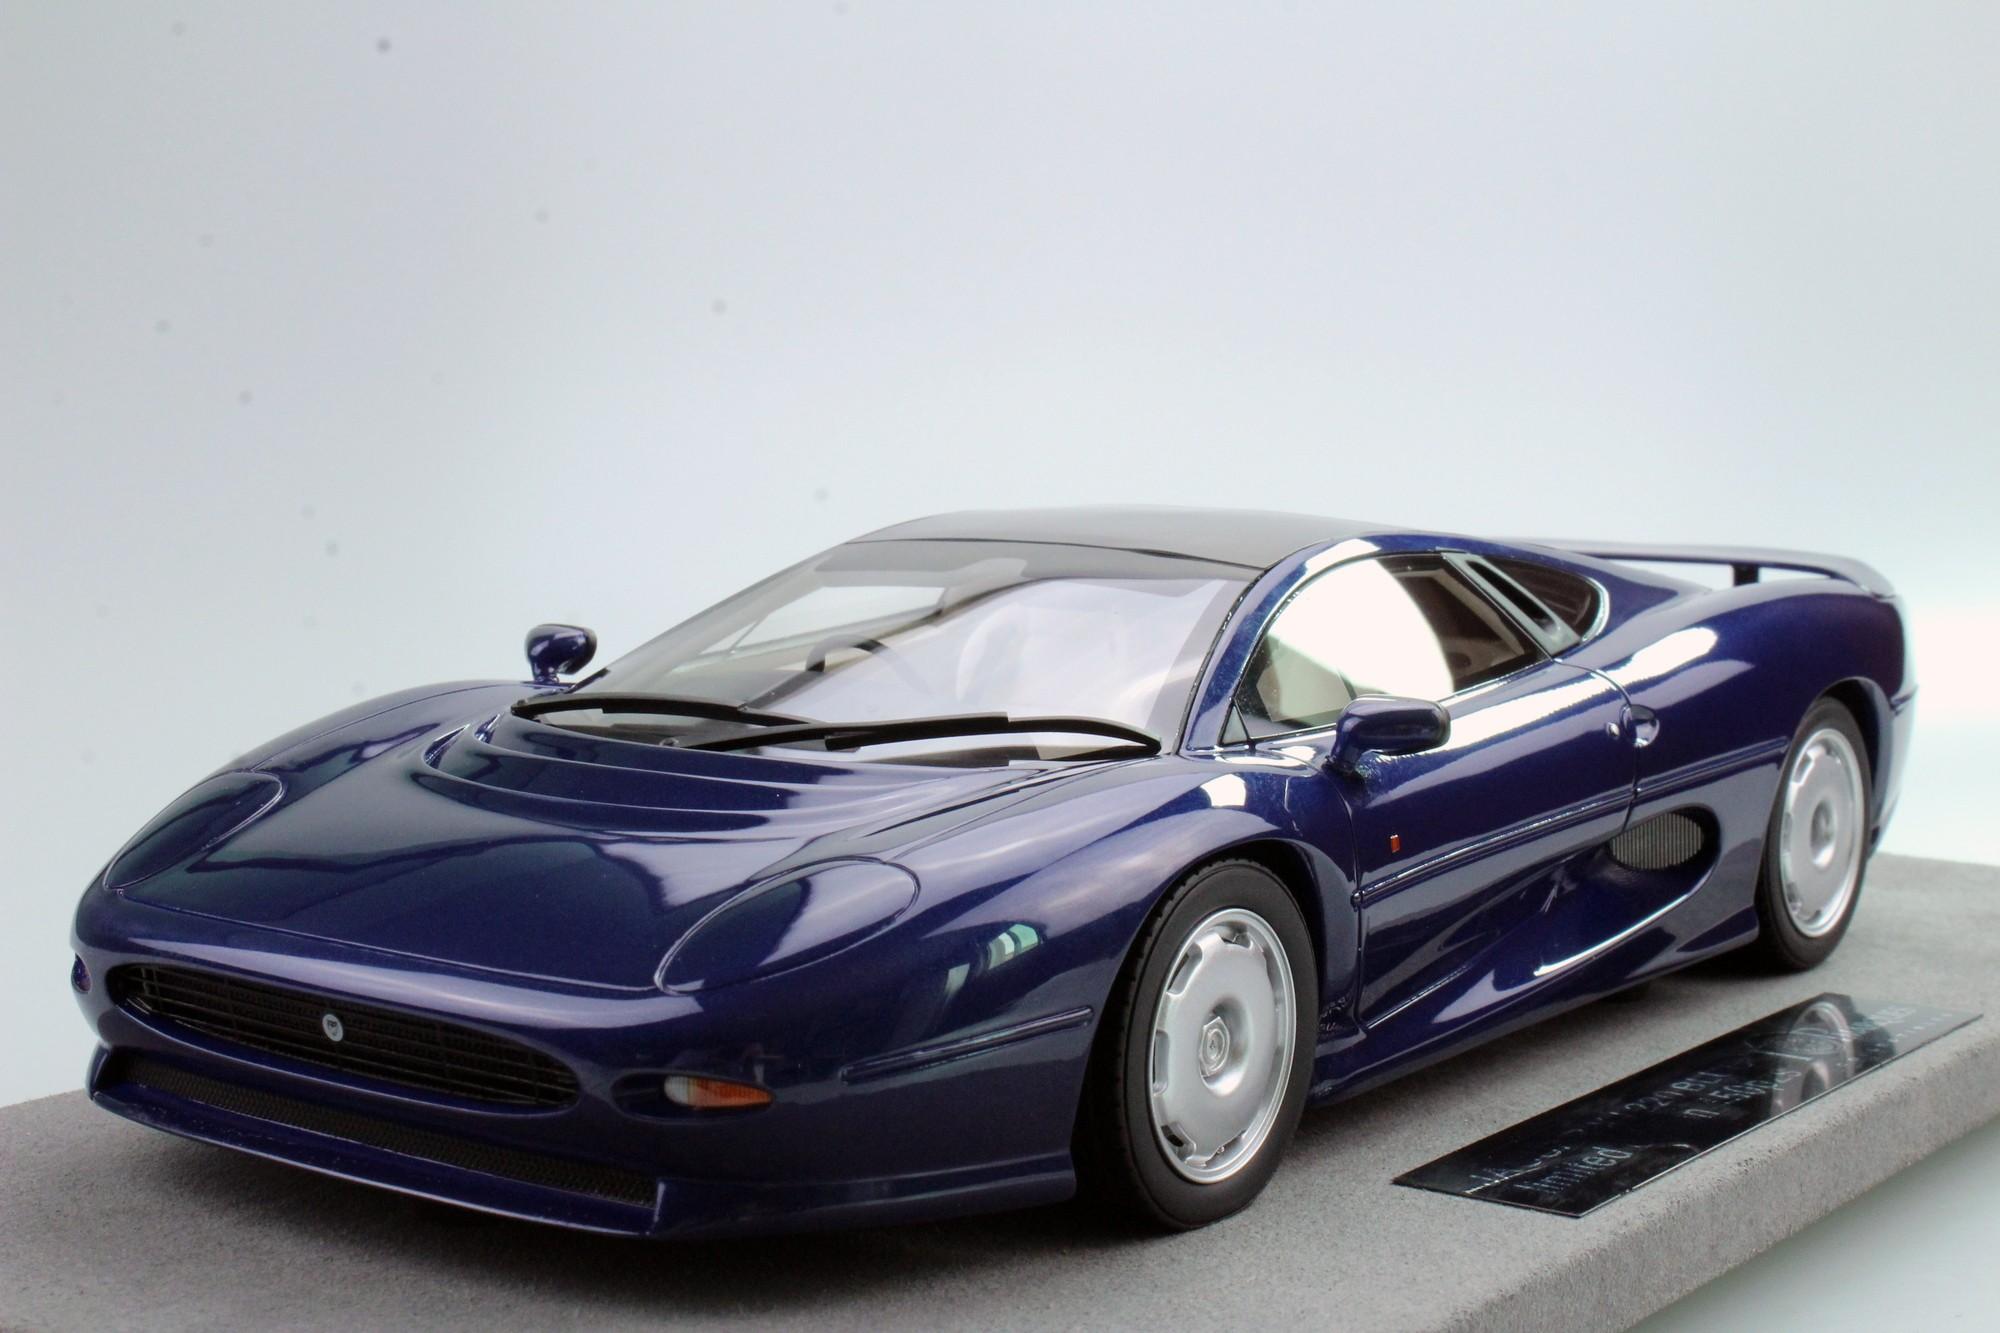 top marques collectibles jaguar xj220 1 18 blue top39b. Black Bedroom Furniture Sets. Home Design Ideas